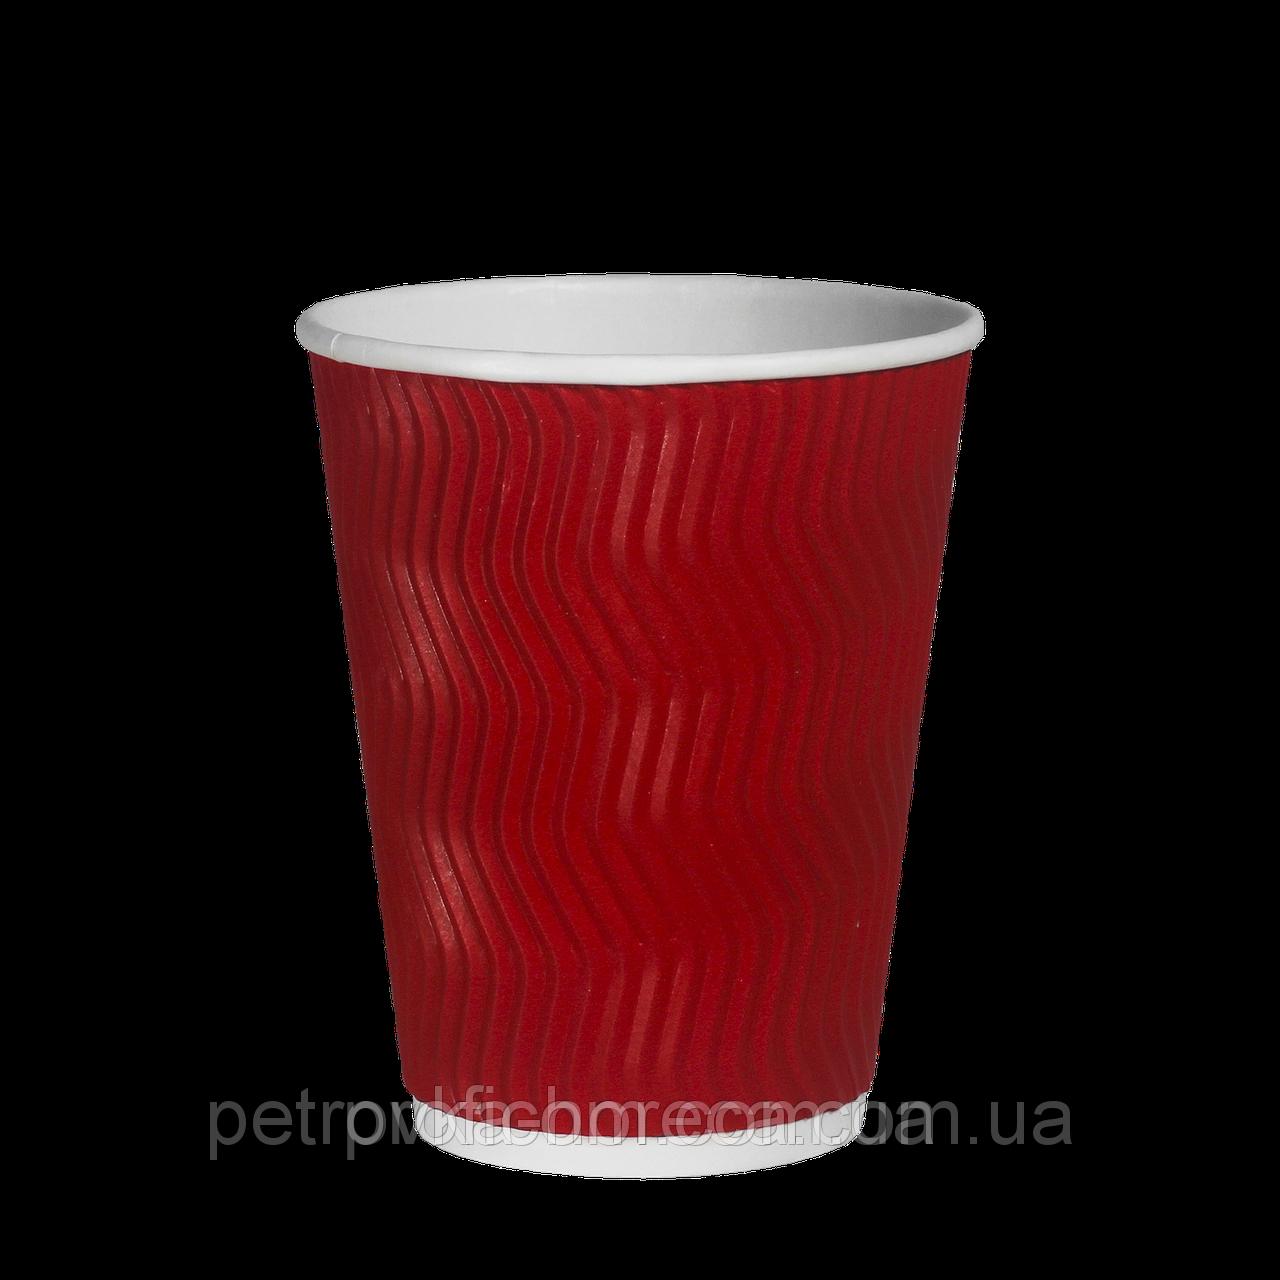 Стакани гофровані 250мл 25шт  рожеві/червоні  (ripple)